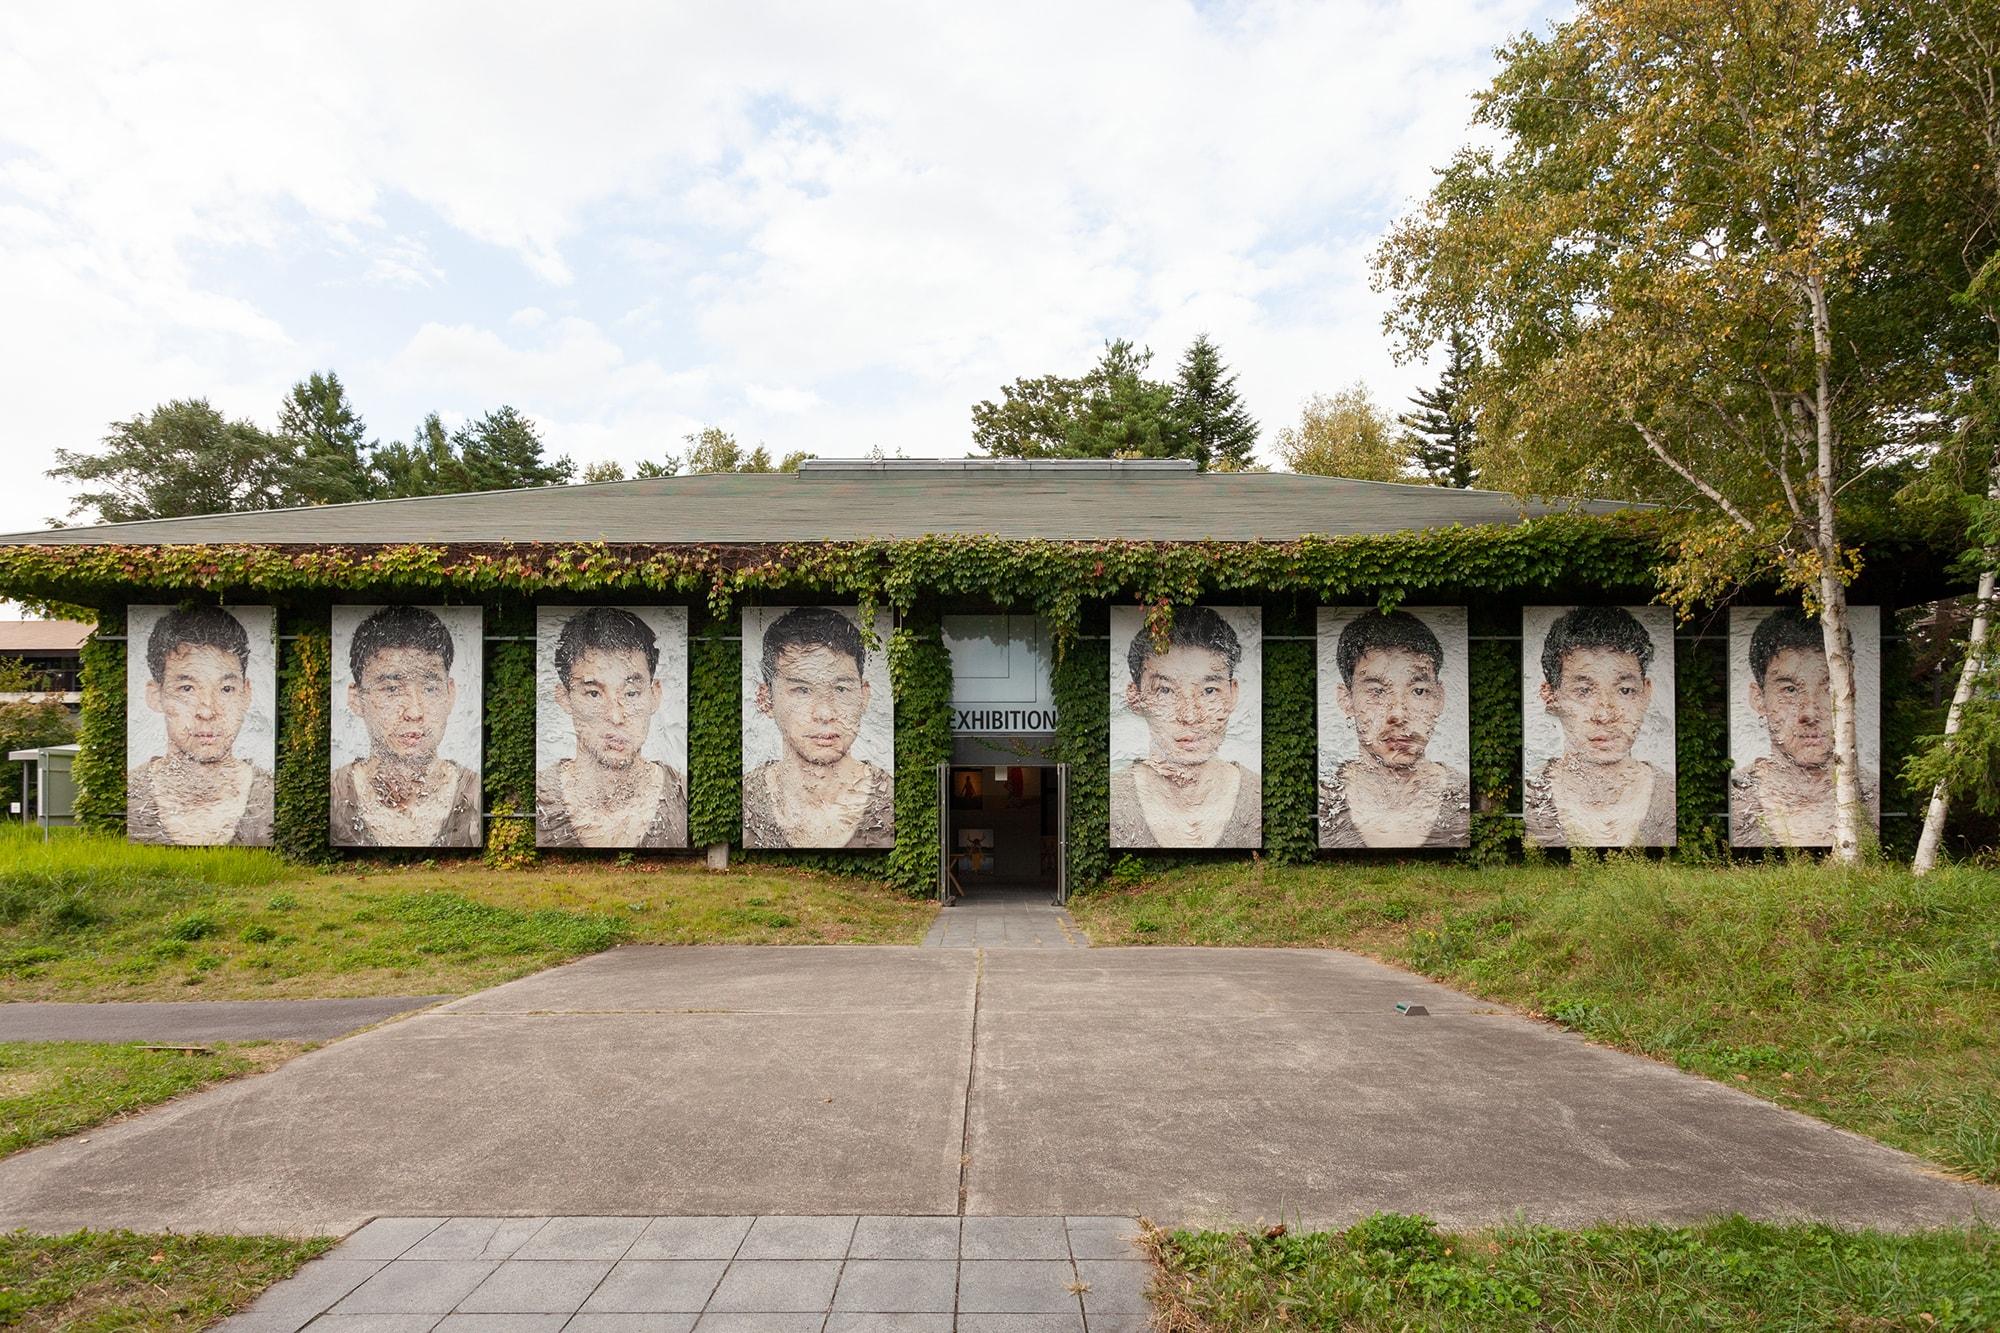 浅間国際フォトフェスティバルレポート「イメージの遊び方、その複数化」 | ネルホル